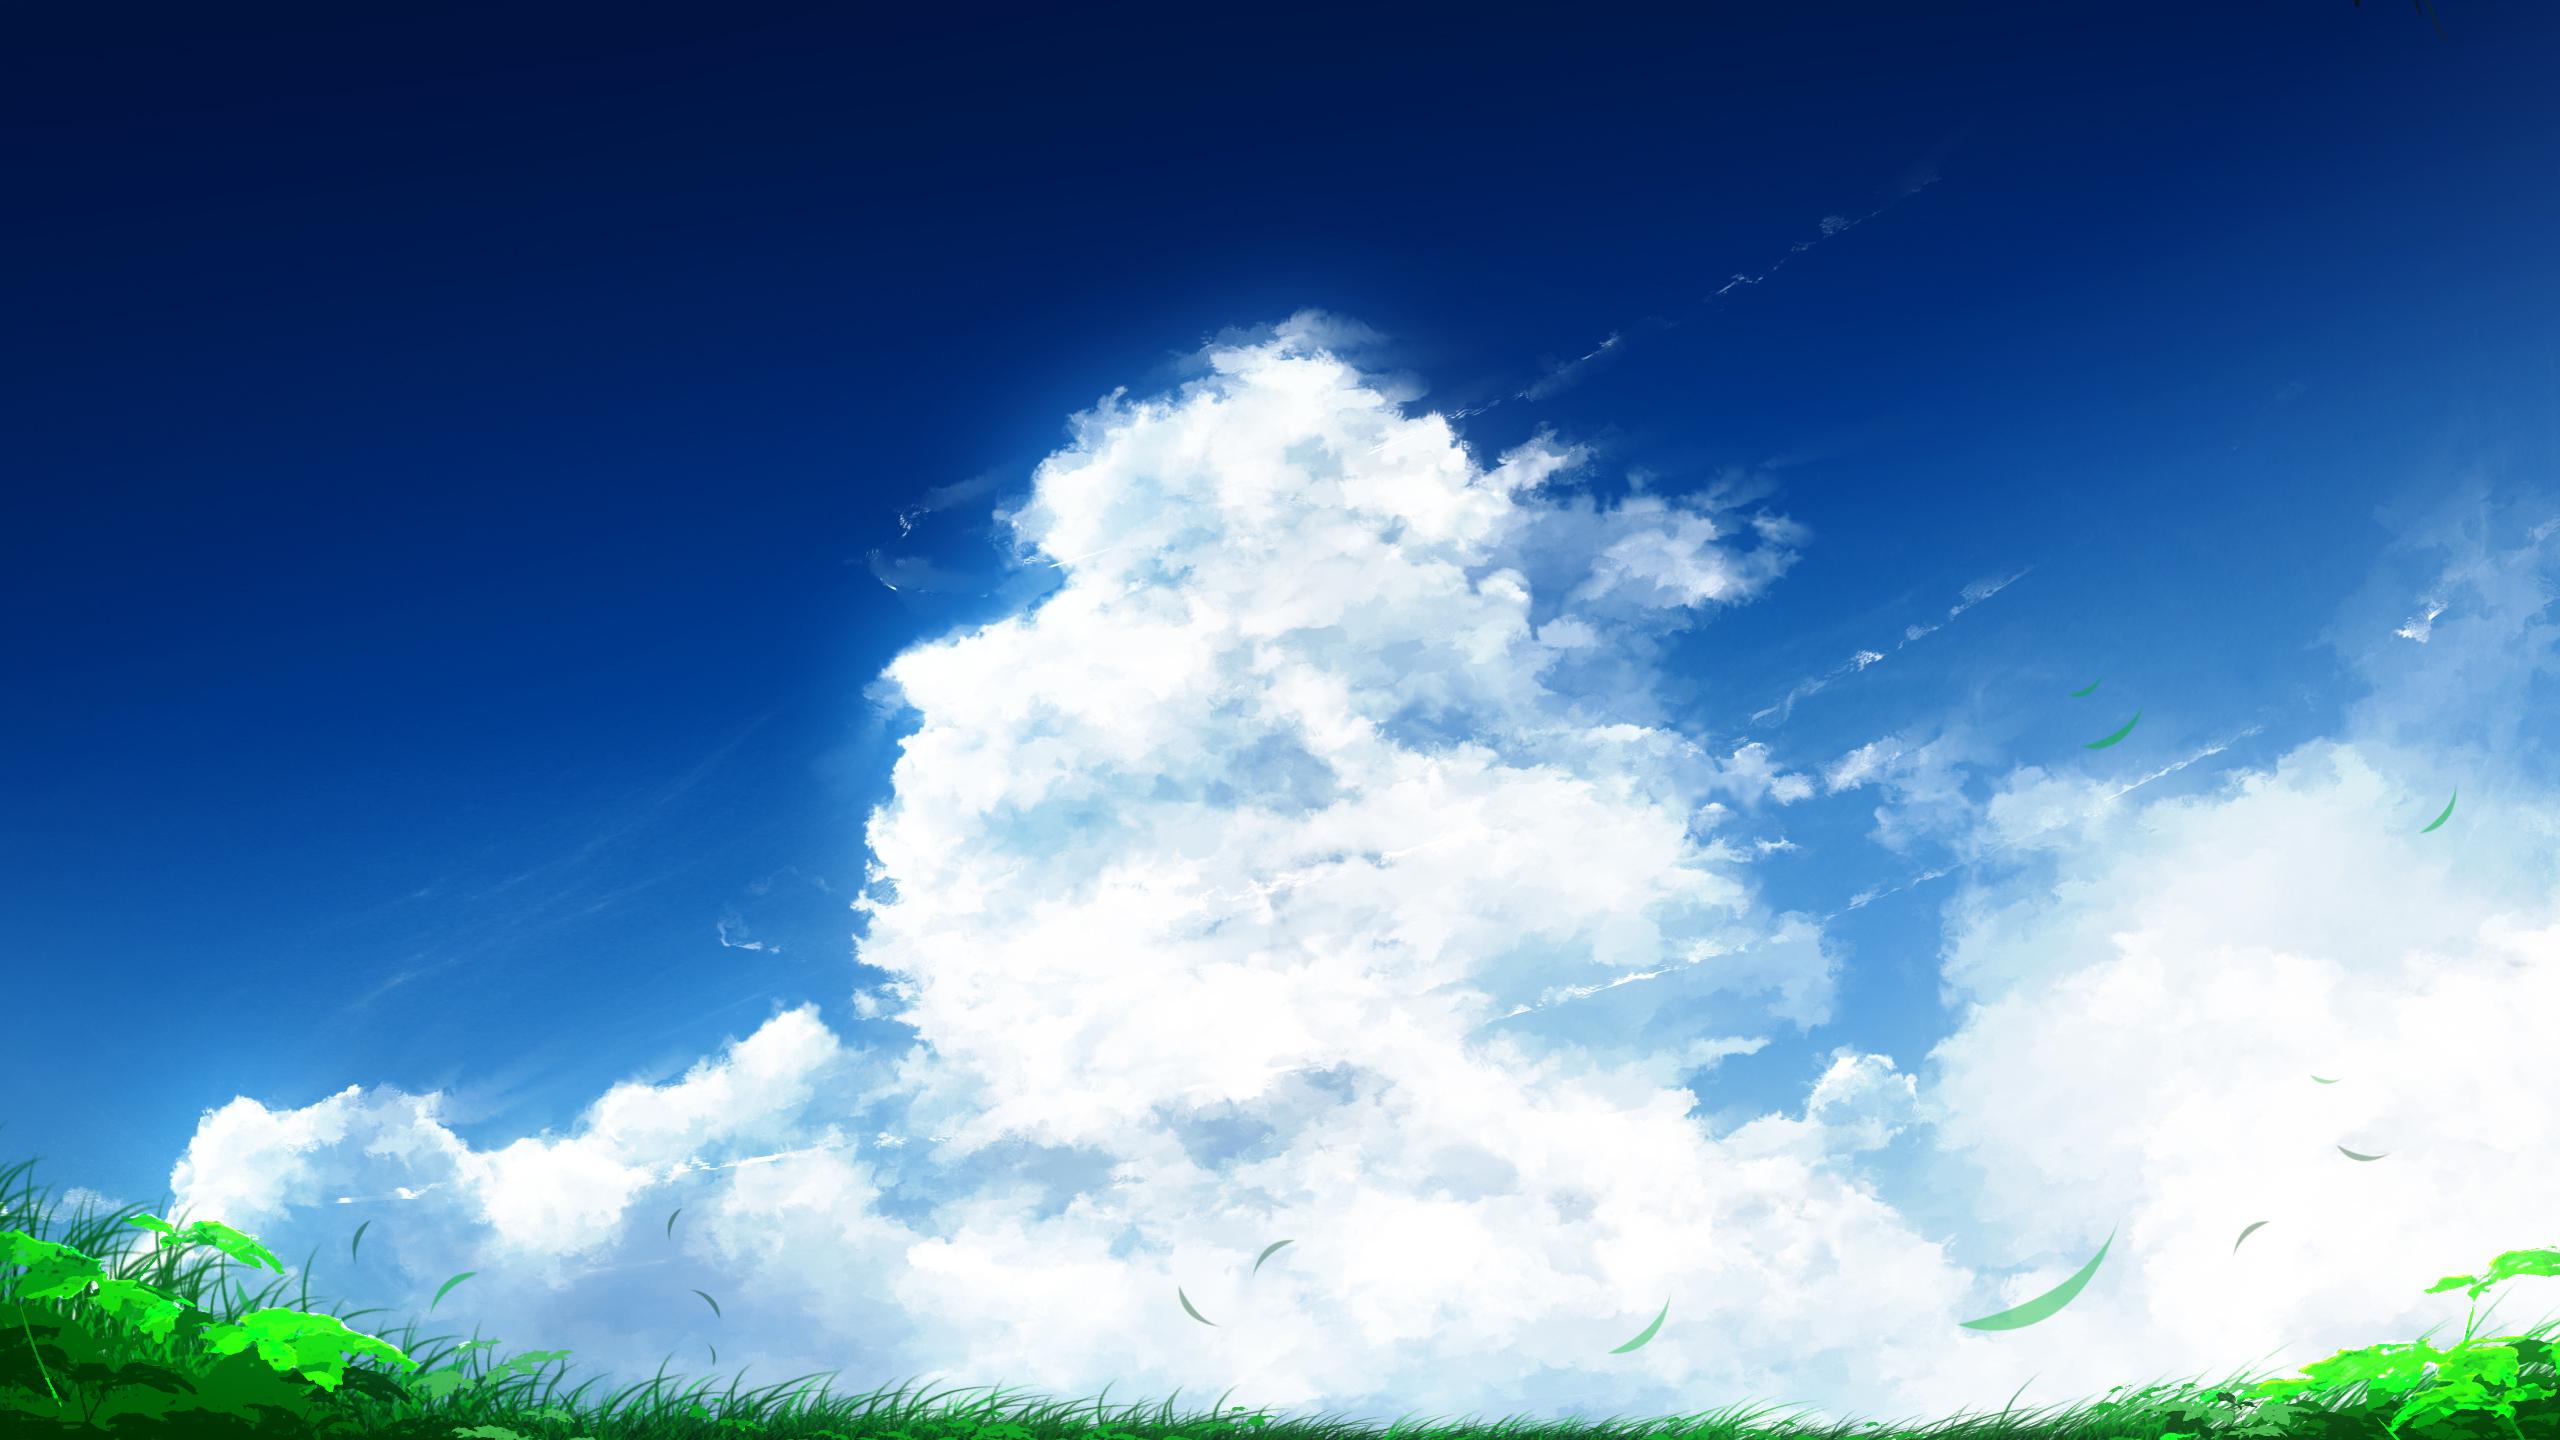 Cloud 2560x1440